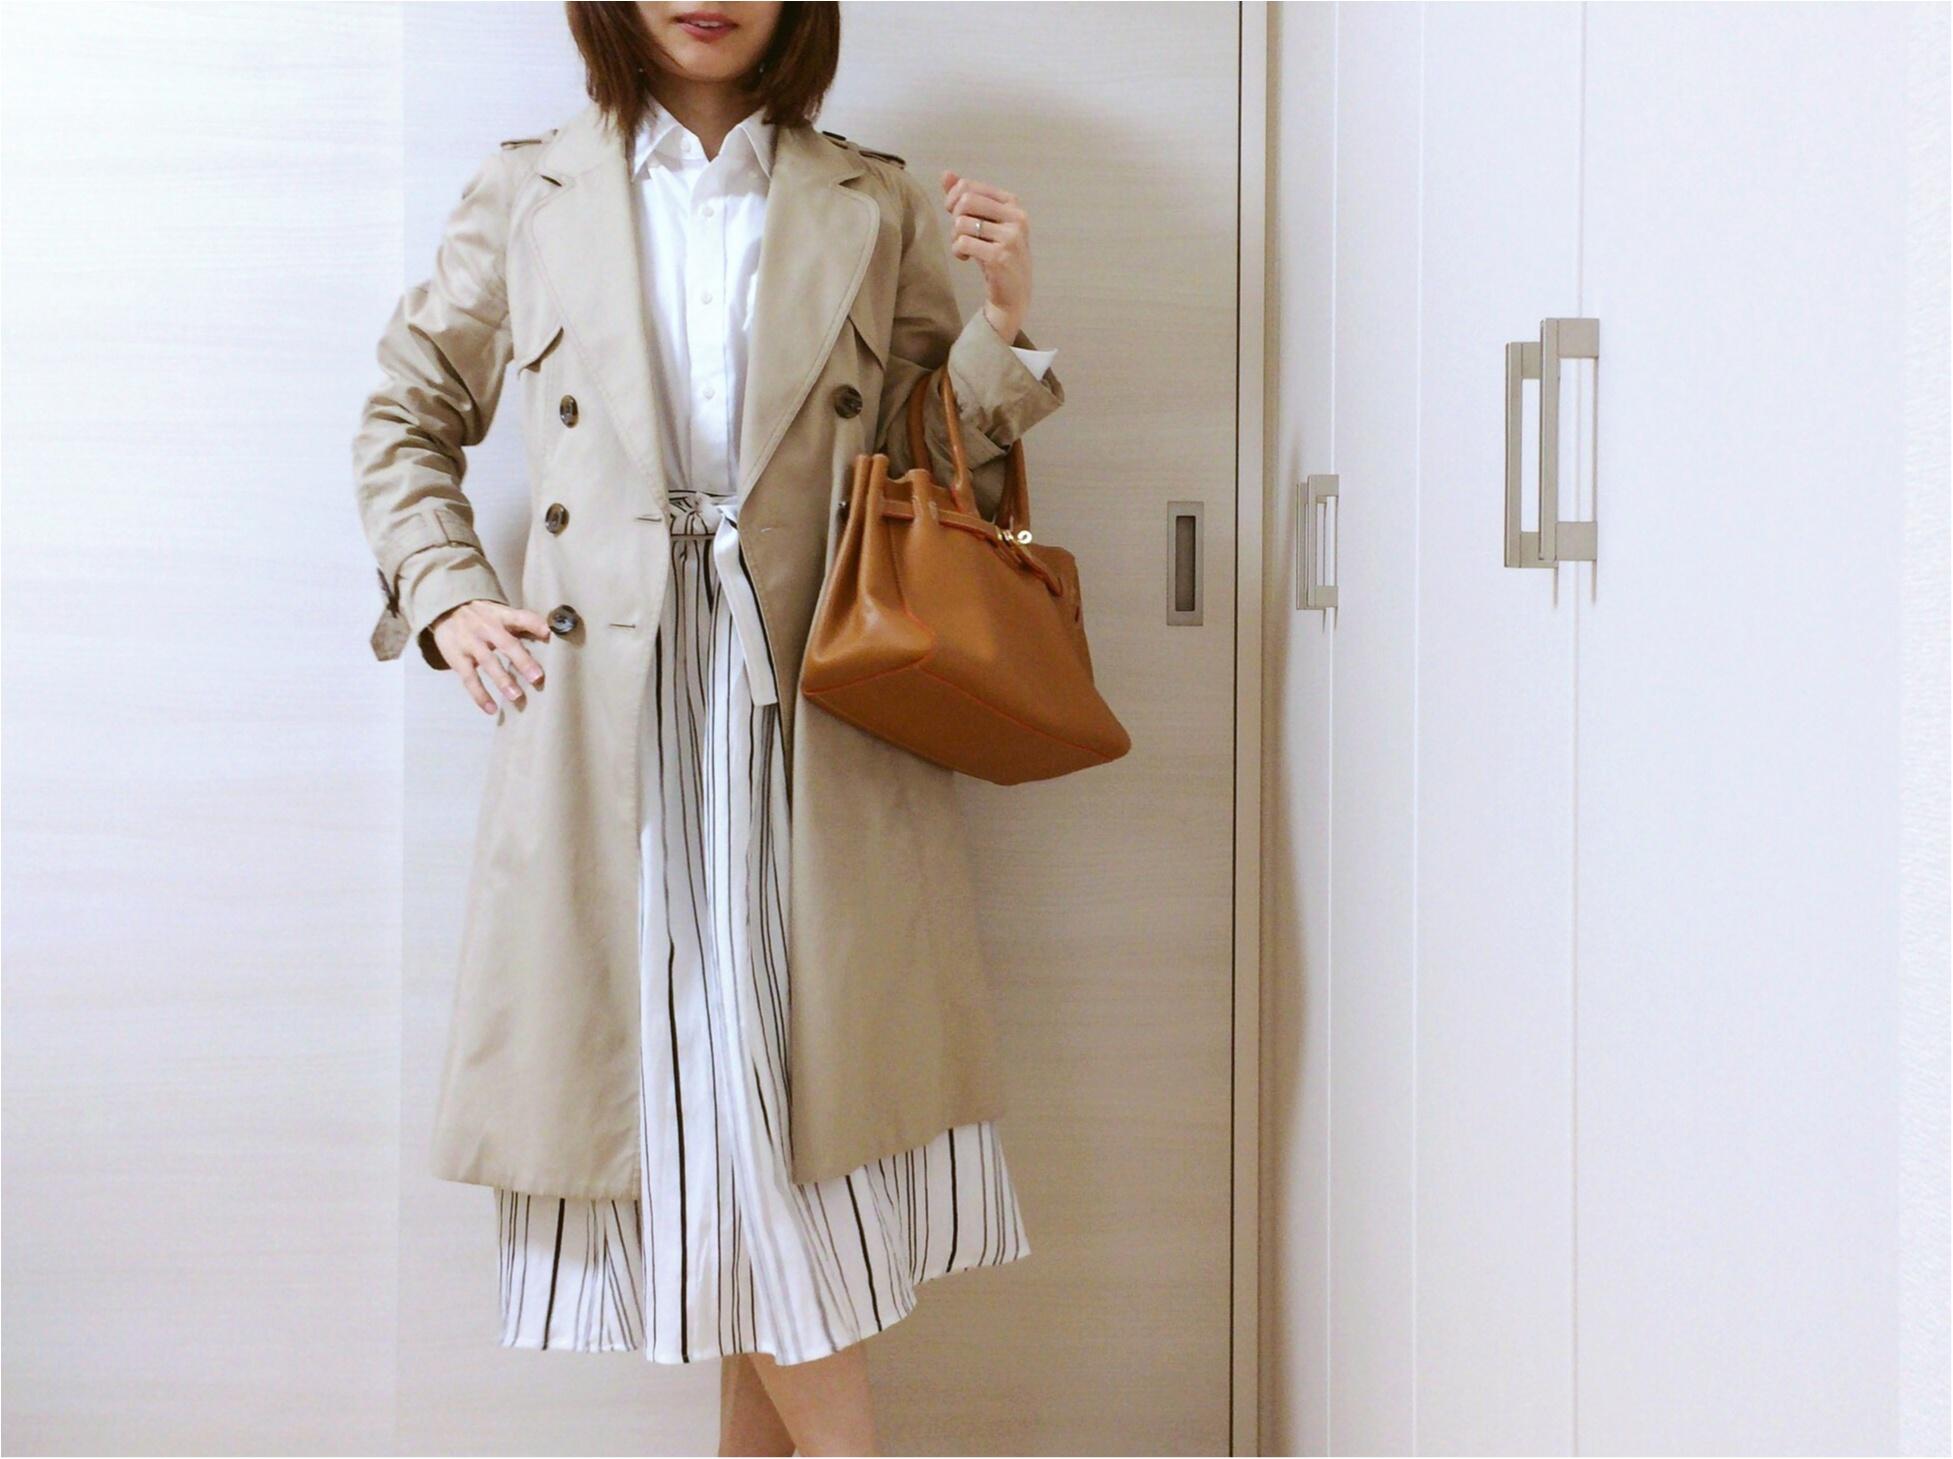 佐藤ありさコラボ服『FlowerDays』流行《ストライプ》リネン風スカートは着回しも着心地も楽チン!_11